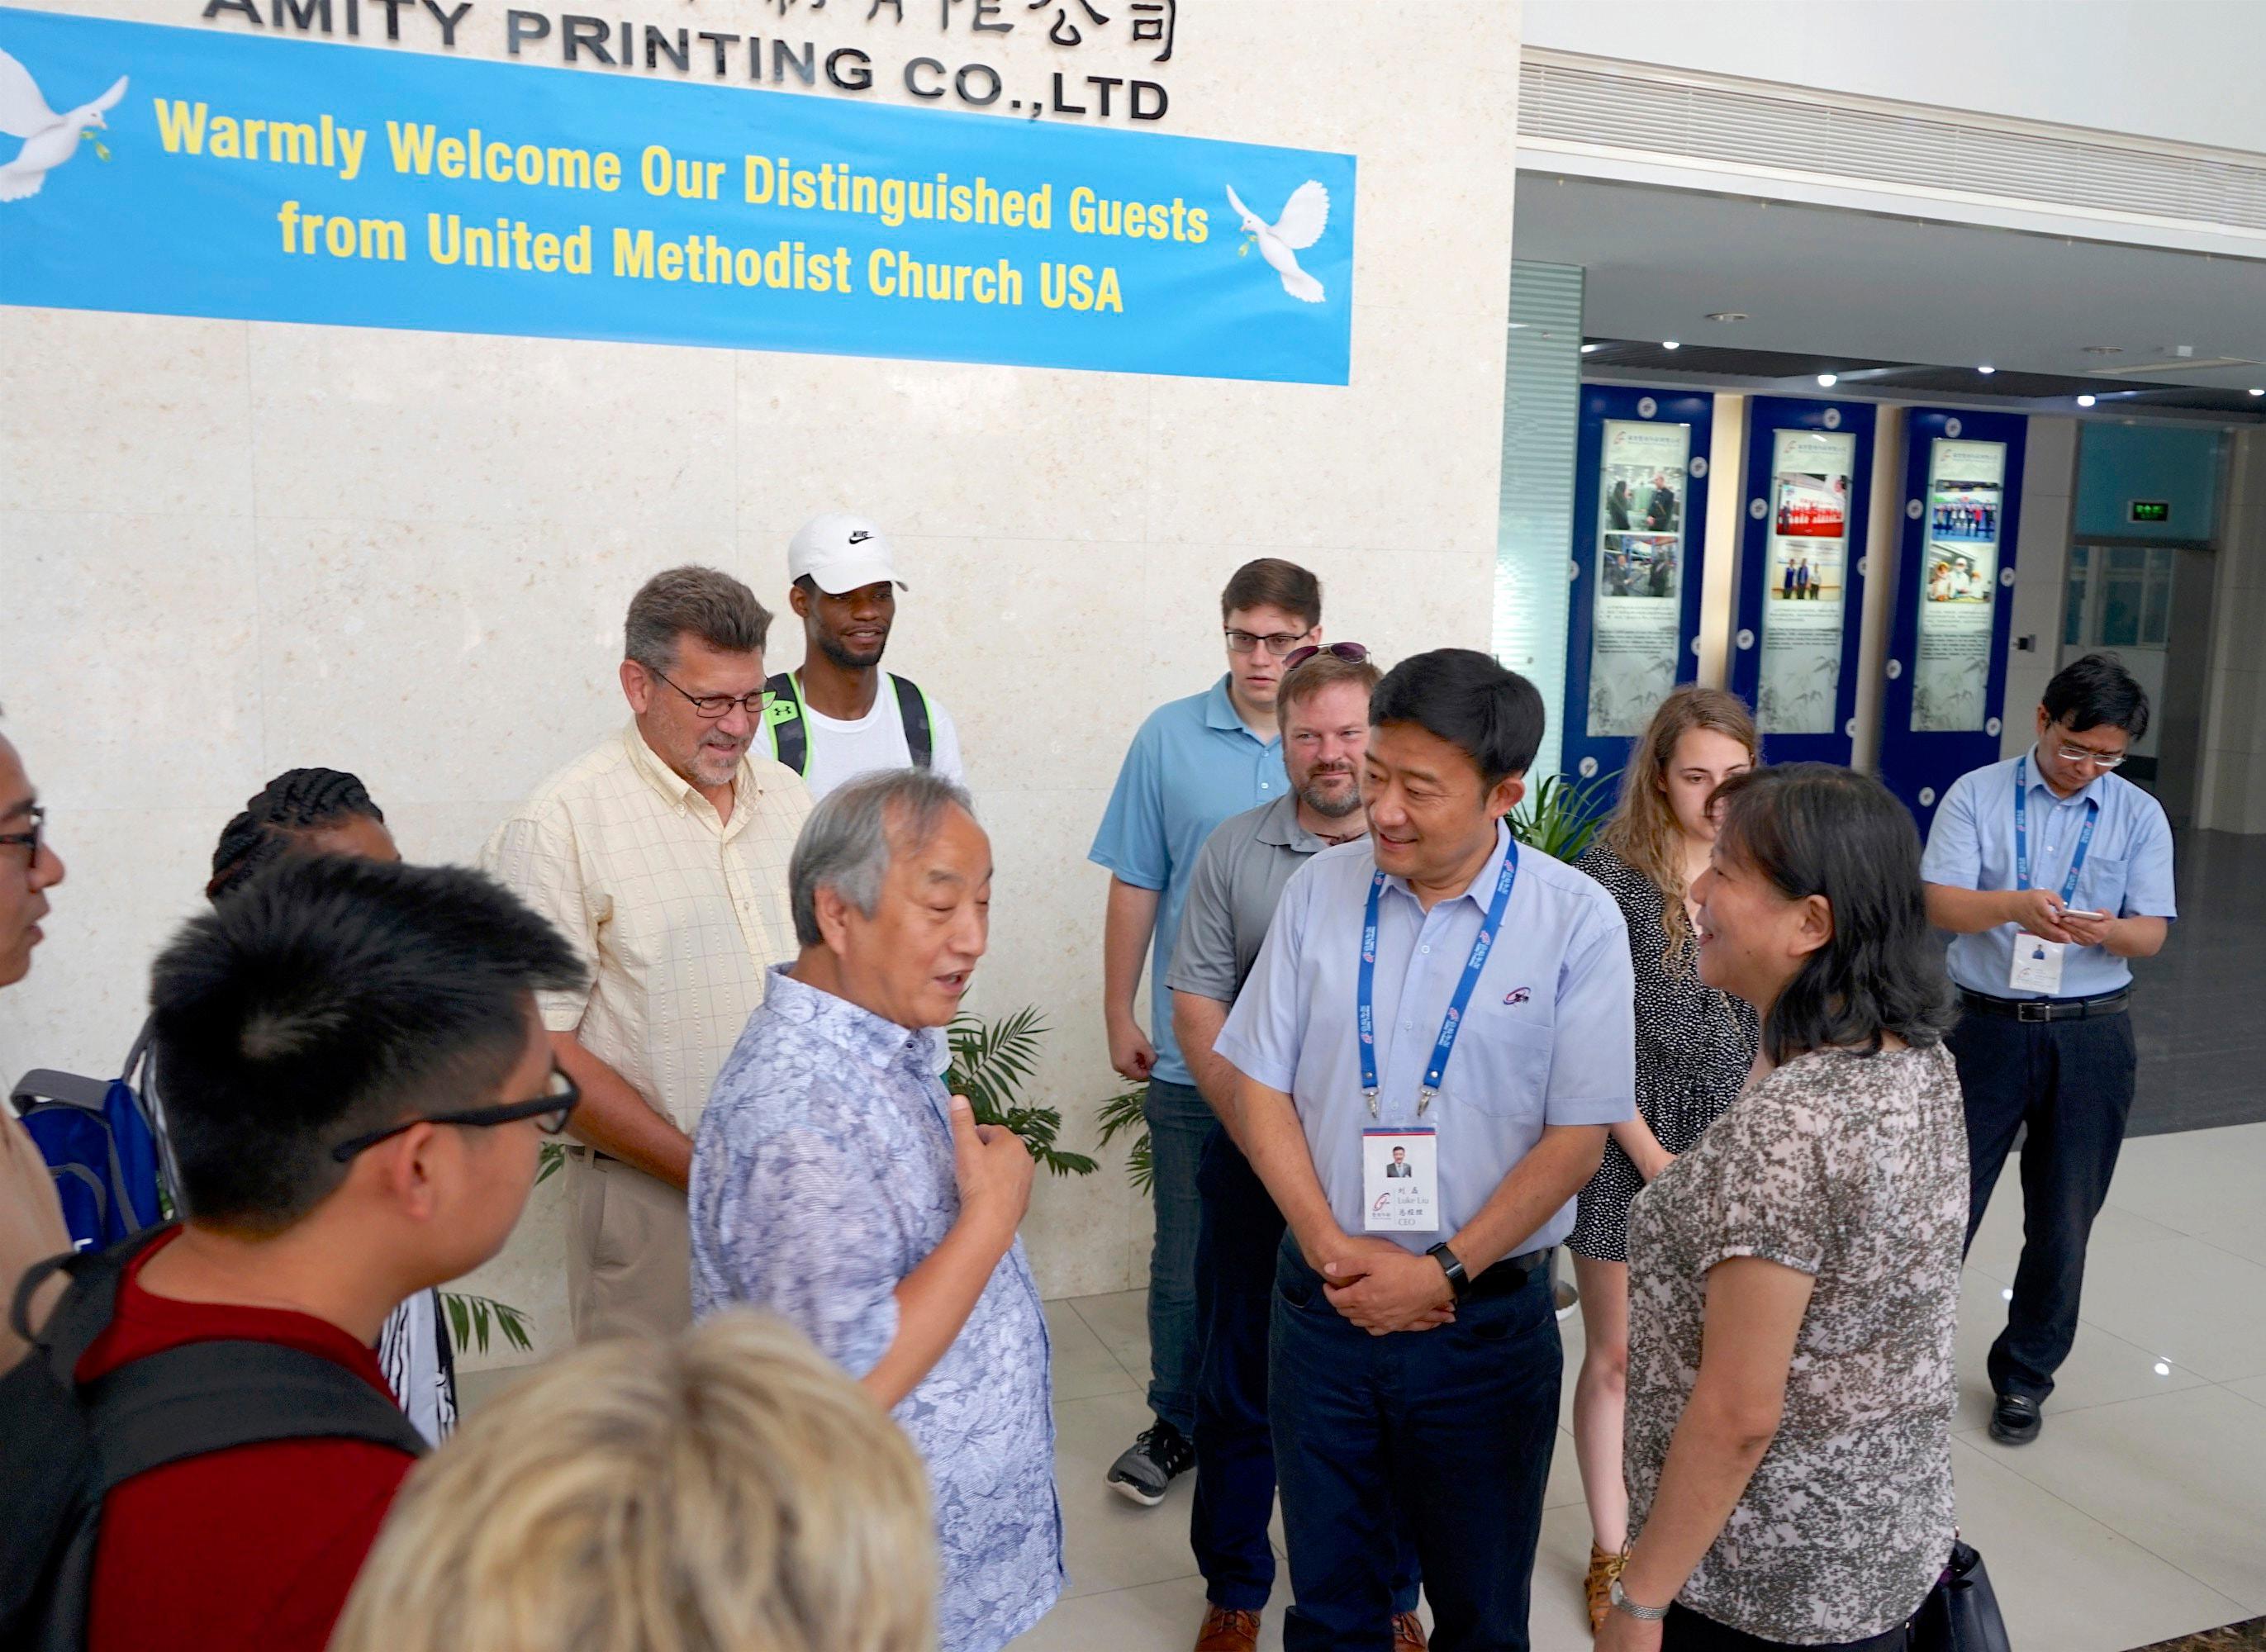 위스콘신연회 정희수 감독(왼쪽 중앙)이 연합감리교회 중북부와 동북부지역총회 단기선교팀이 중국을 방문하는 동안 중국 난징의 애덕출판사(Amity Printing Press) 직원들과 이야기를 나누고 있다. 다가오는 11월, 애덕출판사는 2억 권째 성경을 인쇄할 예정이며, 정 감독은 이 행사에 지도자 중 한 명이다. 사진 제공, 데이빗 뉴하우스 목사.